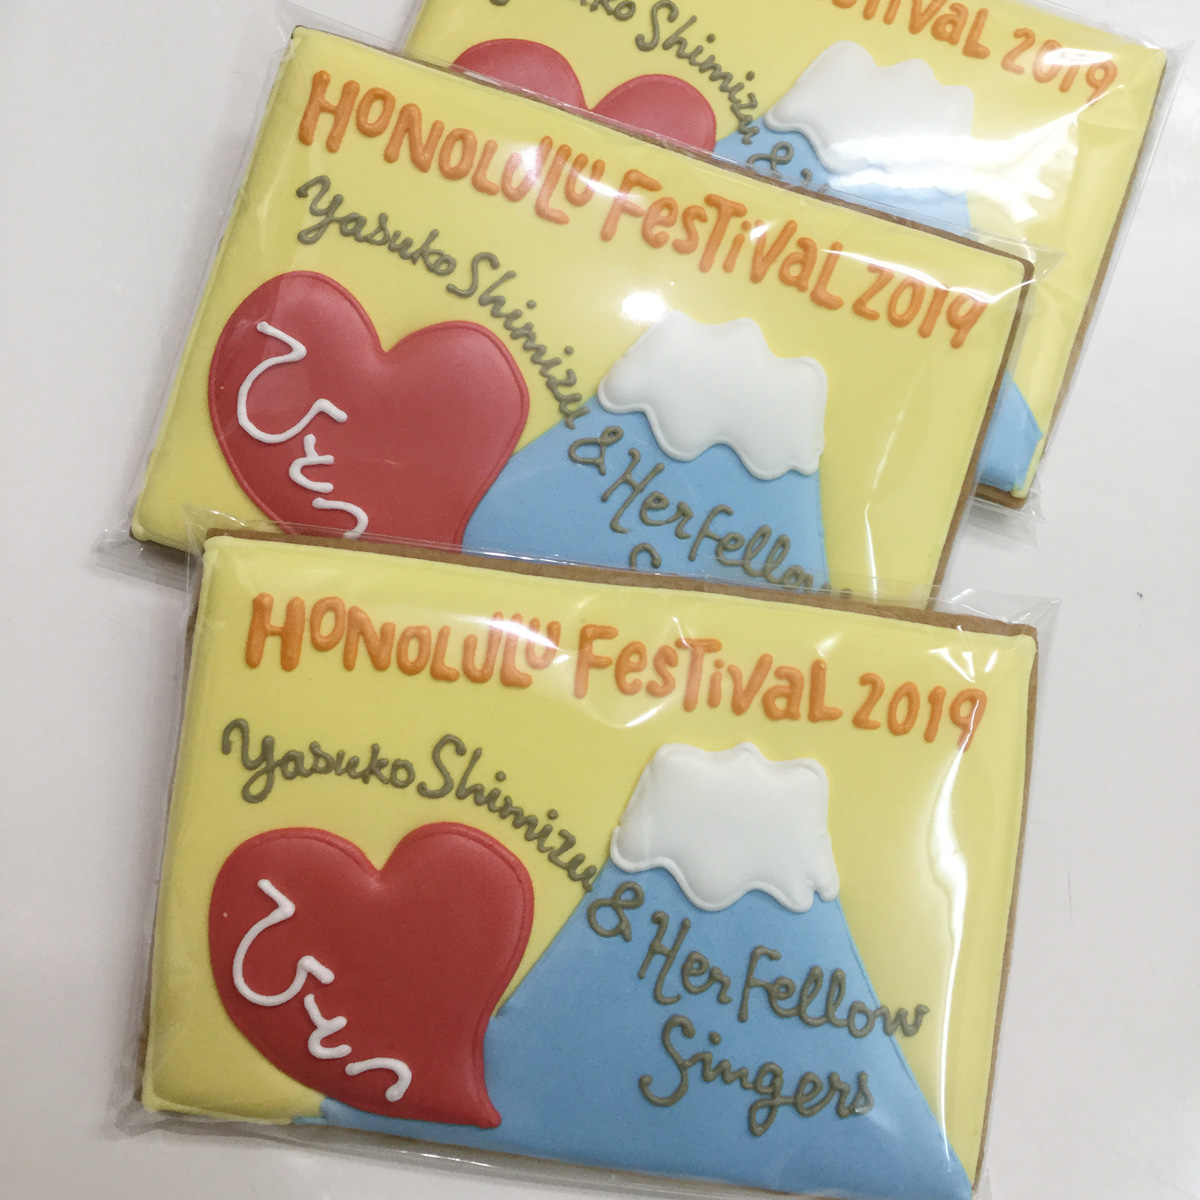 「HONOLULU Festival 2019」サンクスギフト